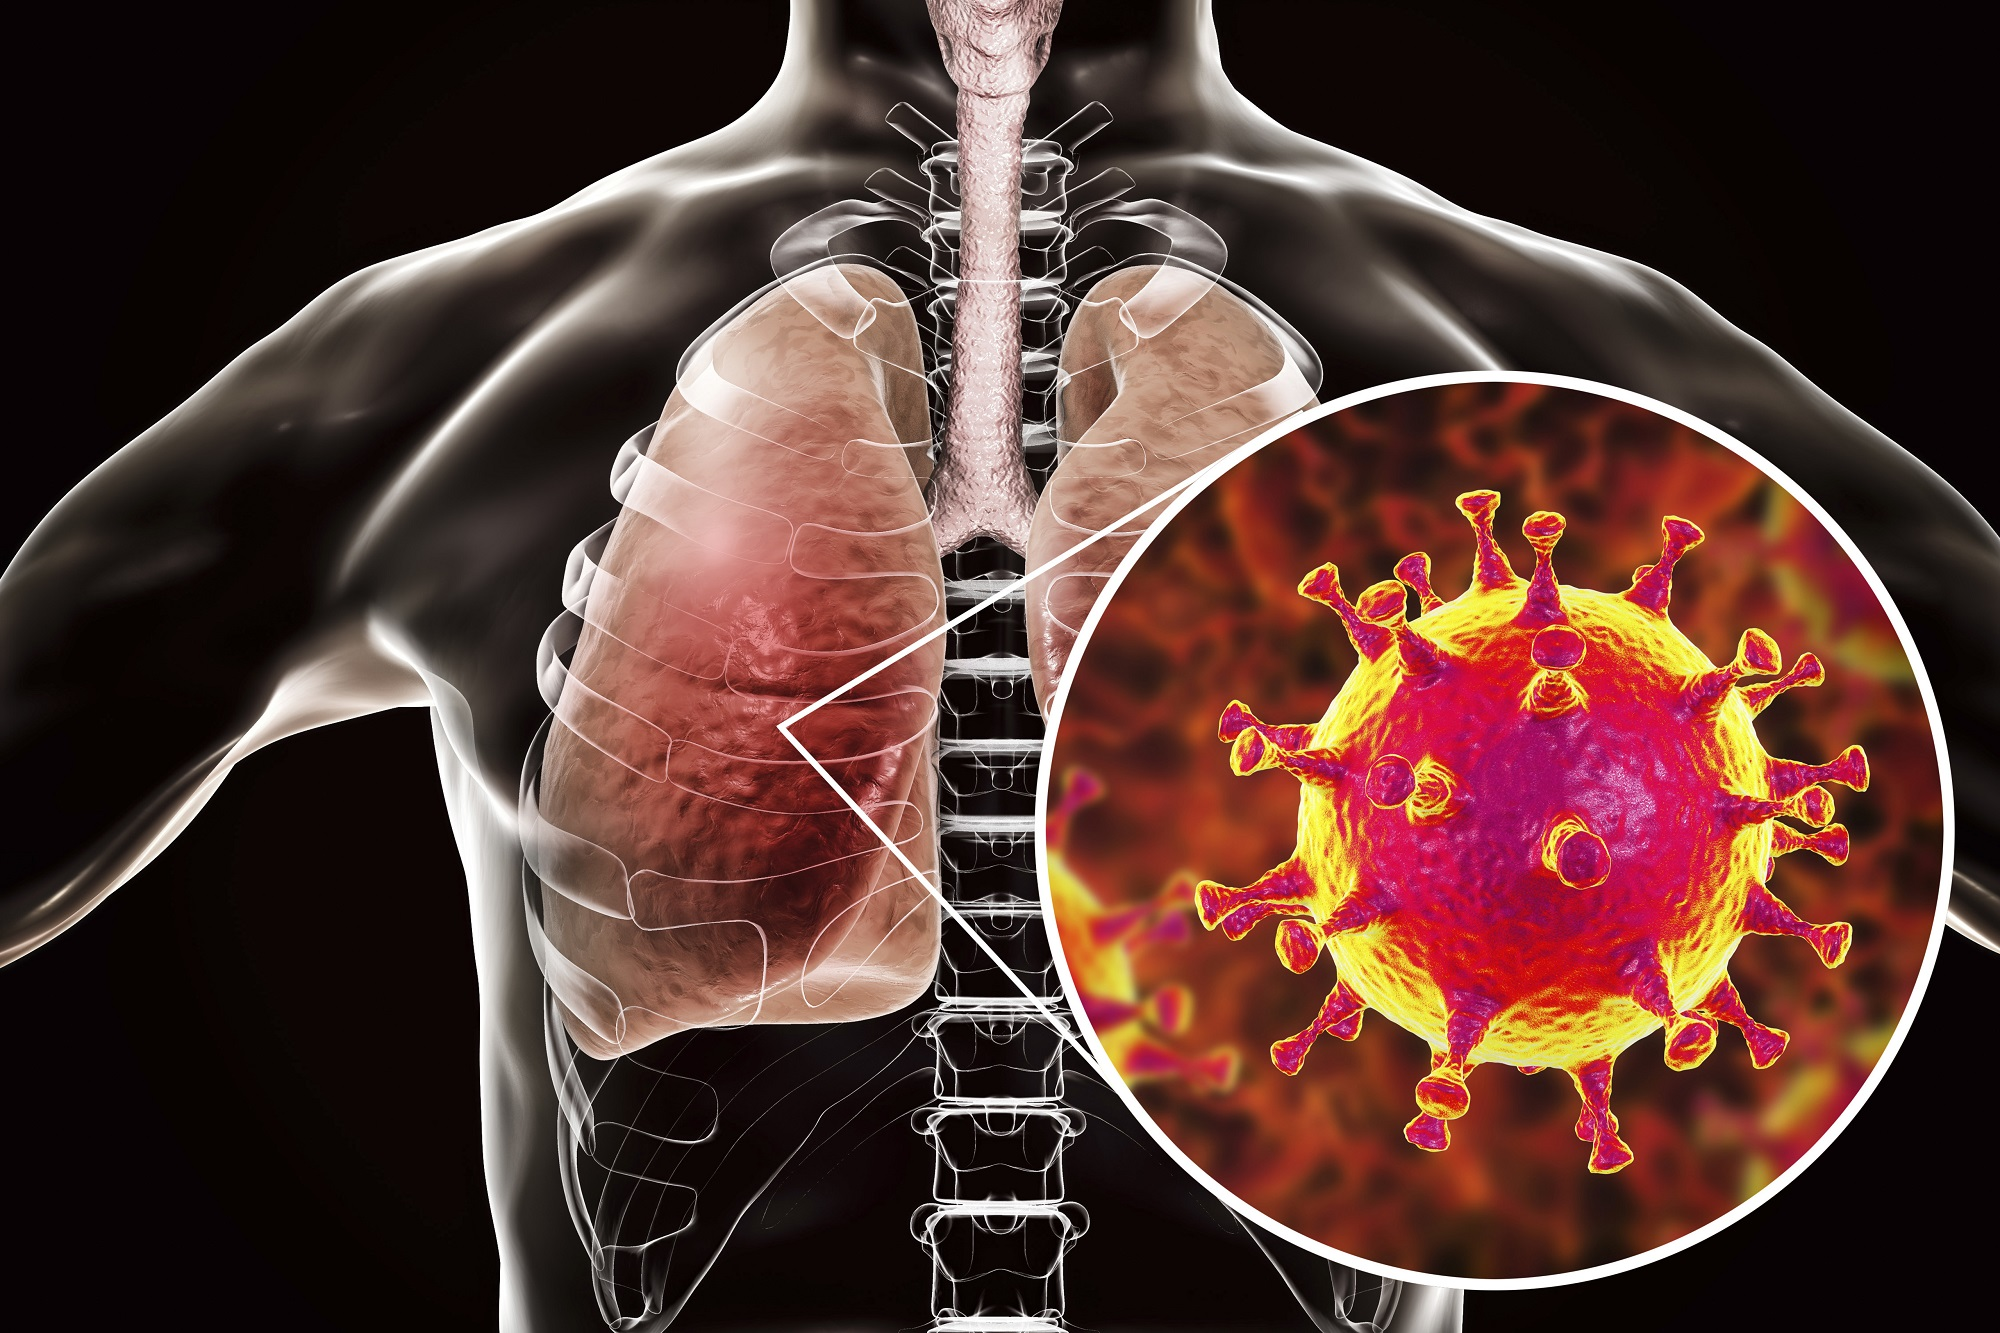 Chủng virus này tấn công trực tiếp vào phổi gây ra những biến chứng nguy hiểm